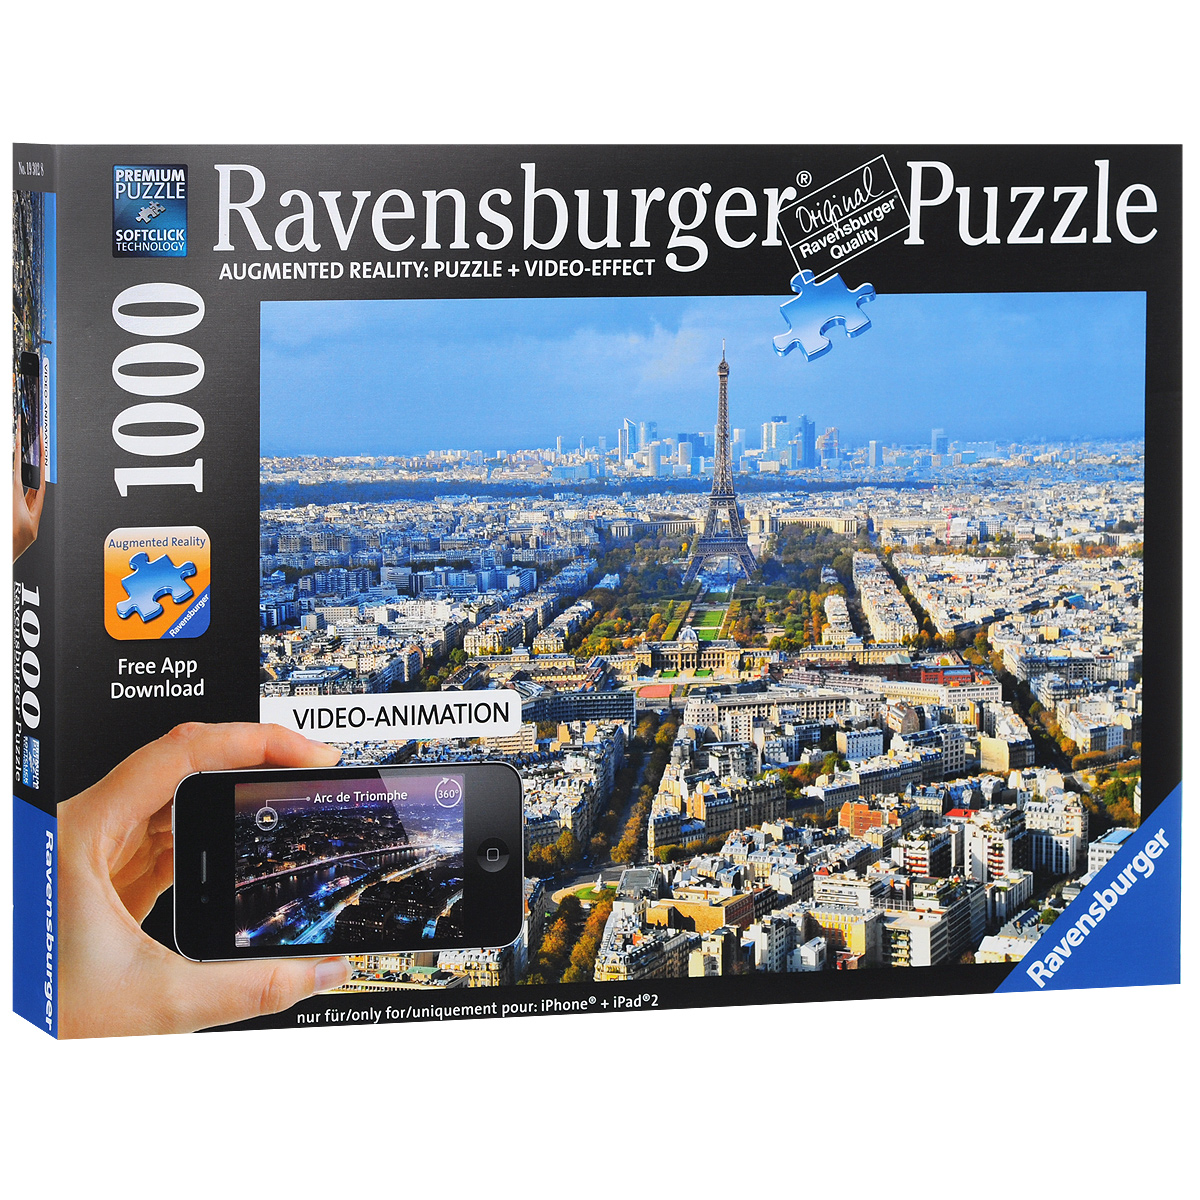 Ravensburger Крыши Парижа. Пазл с видео-анимацией, 1000 элементов недорого